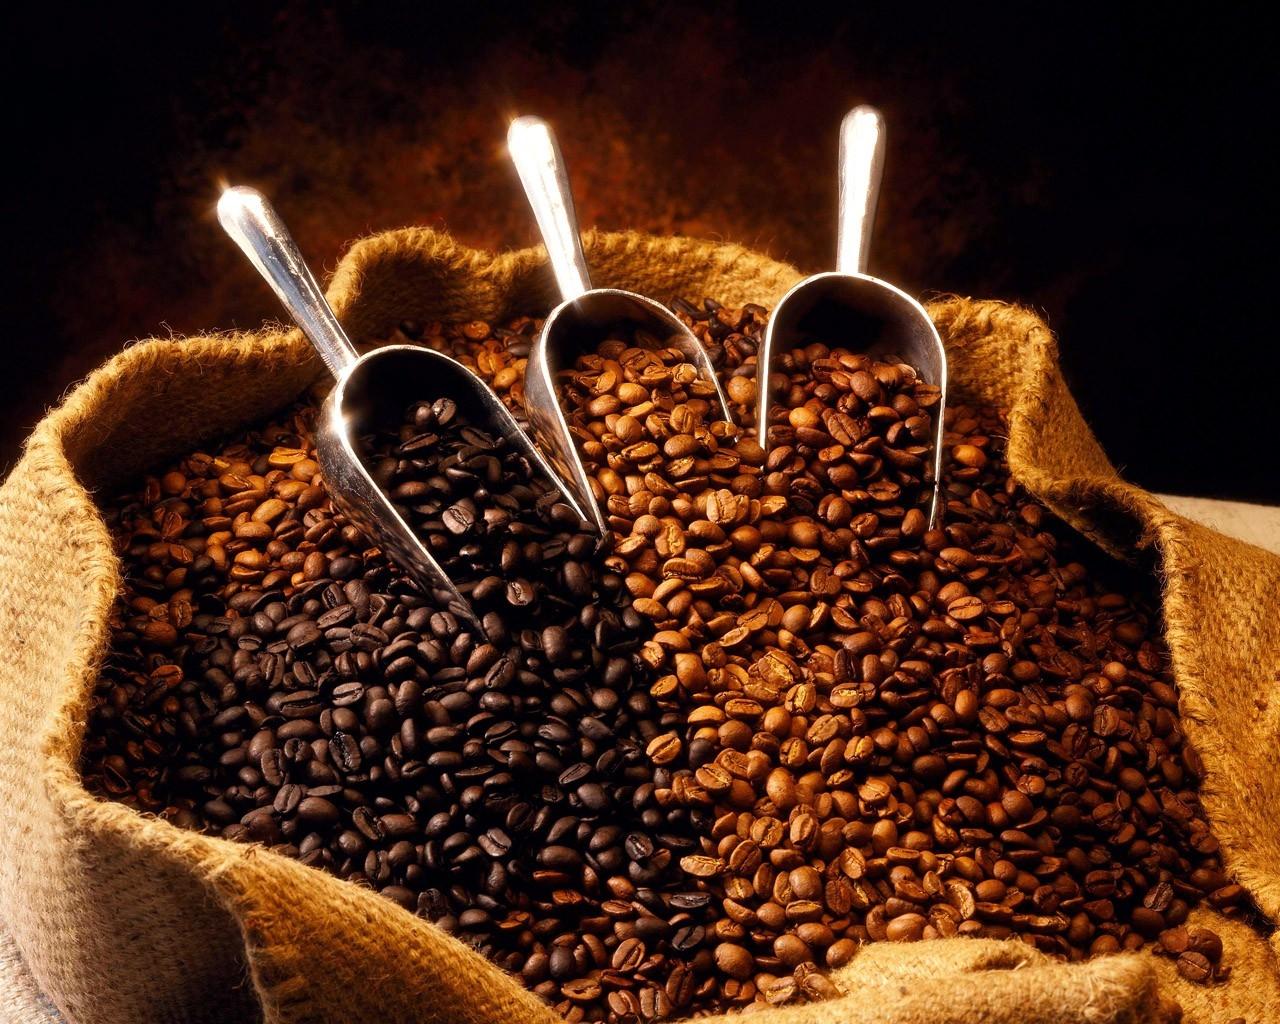 El café se vende entre RD$18 y RD$20 en los colmados, que es donde acude la mayoría de la población tras el producto.